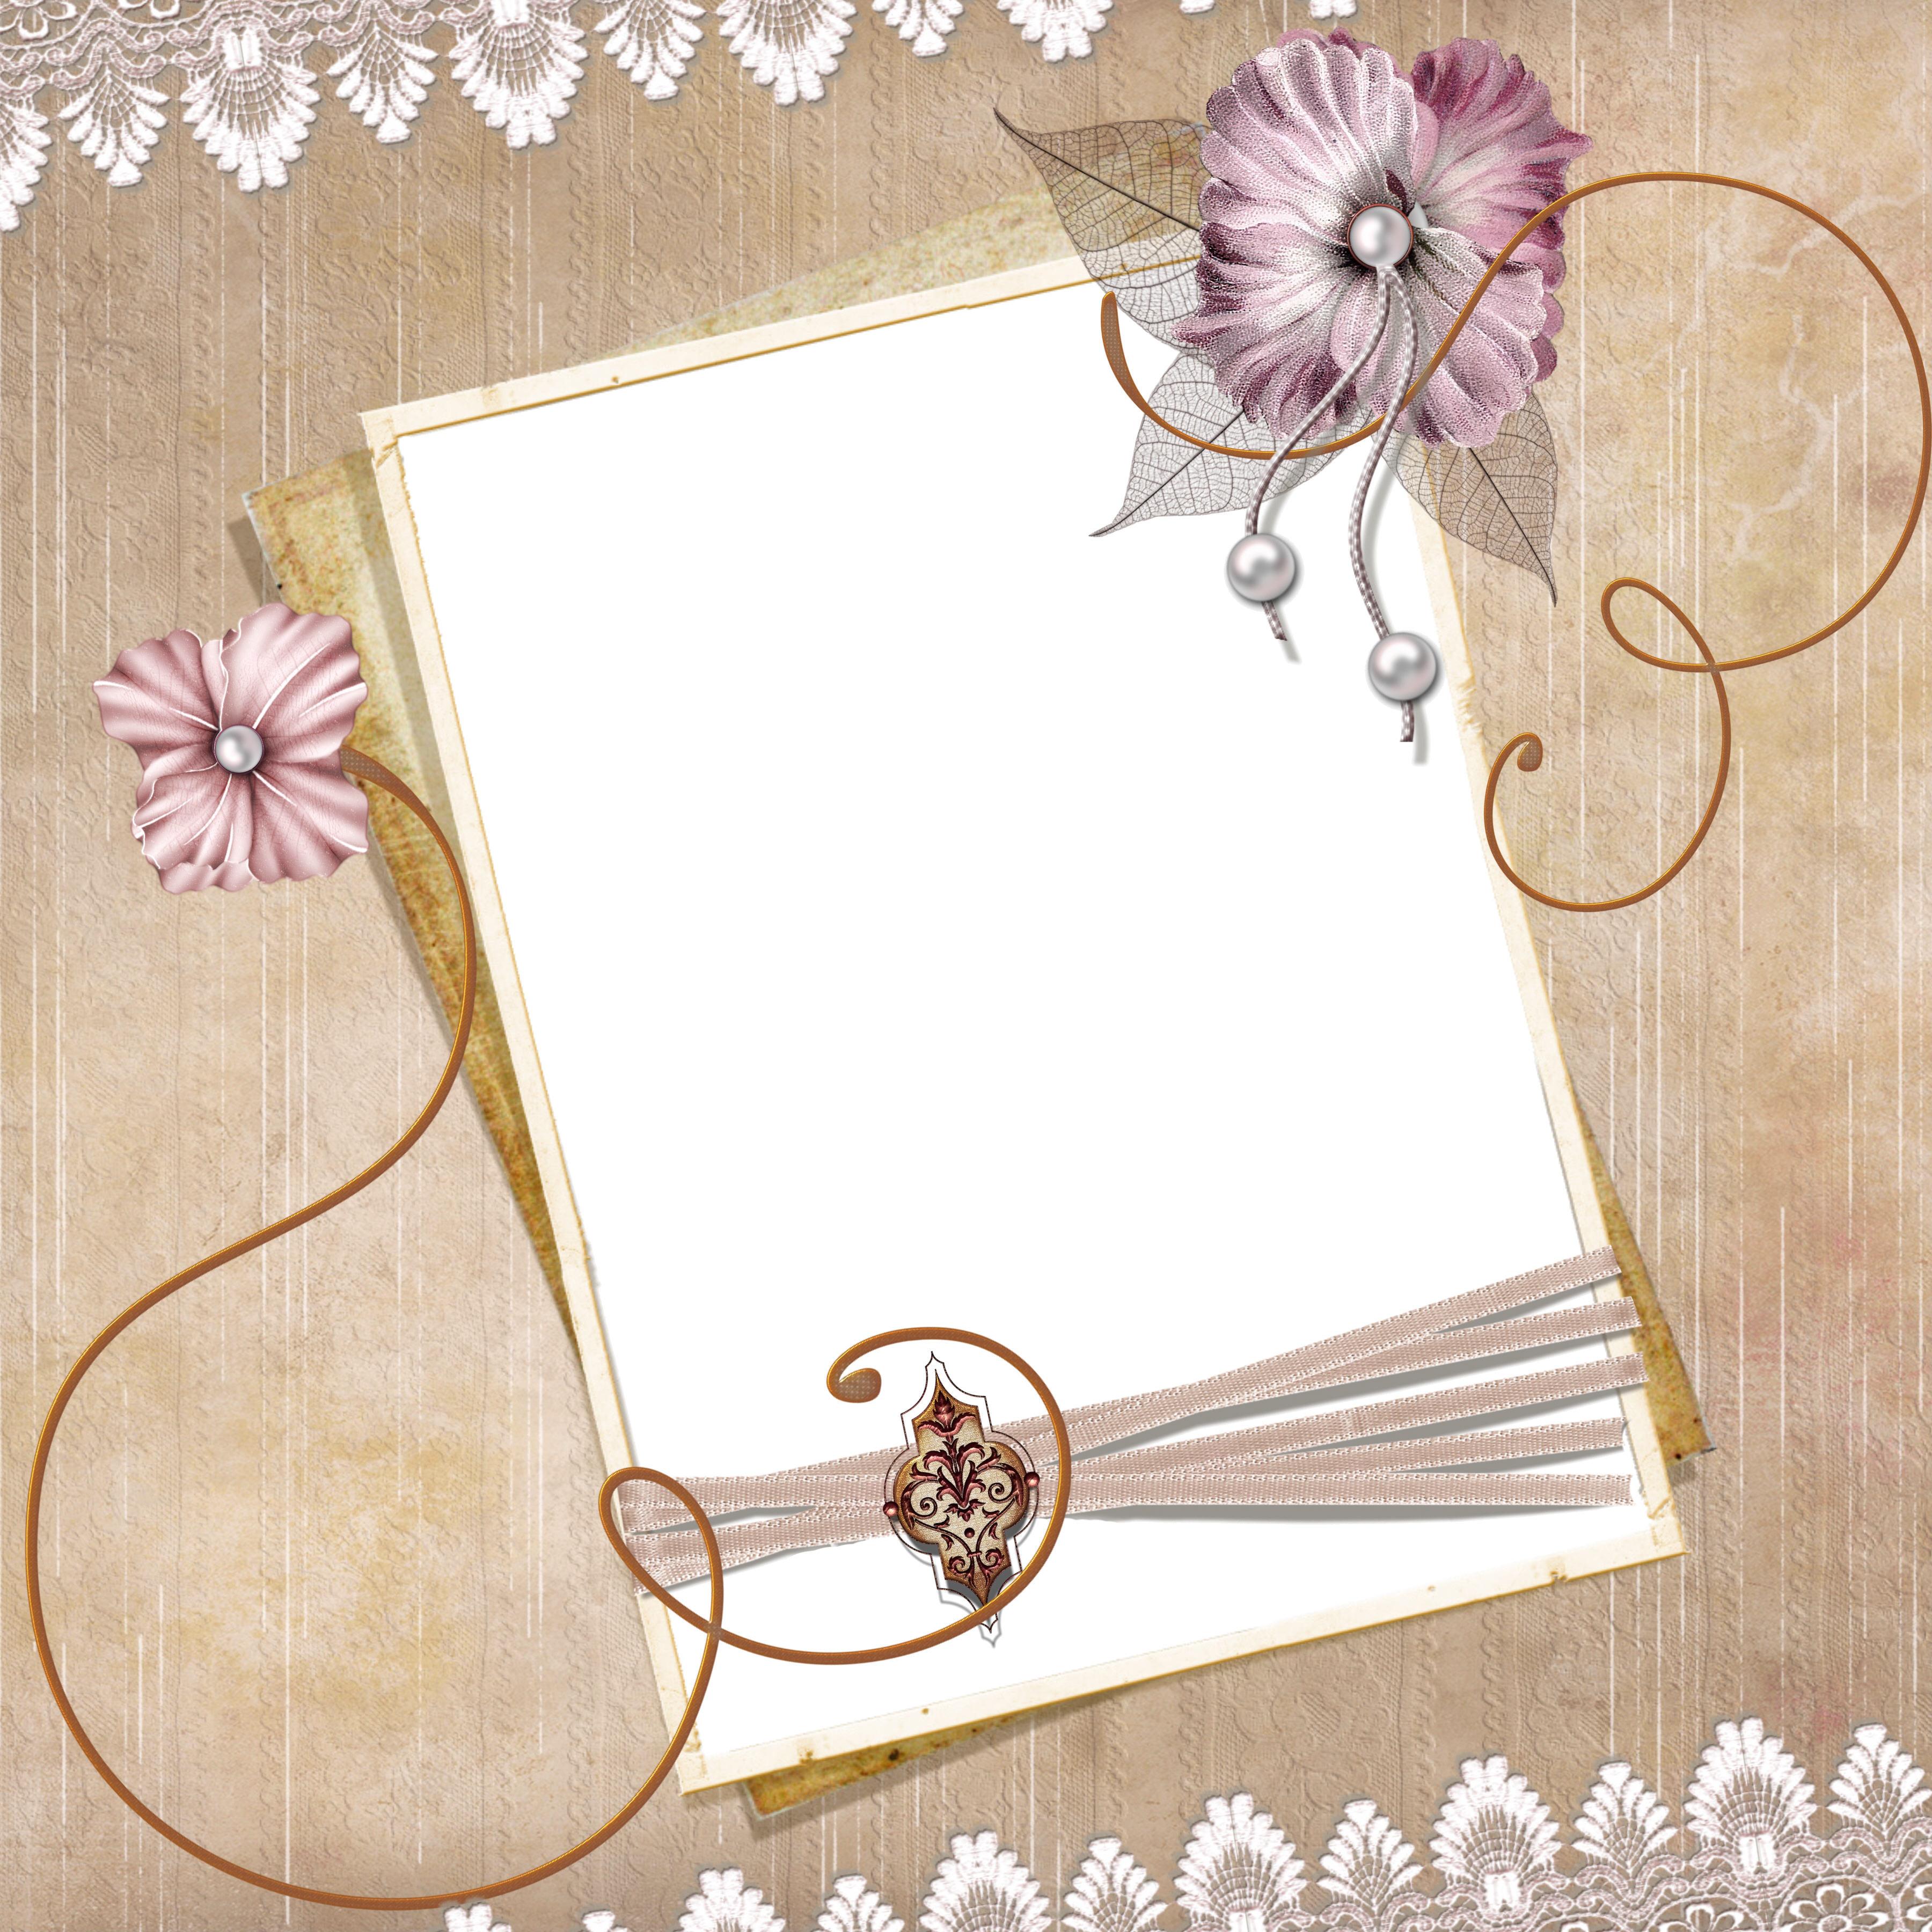 Обложка для открыток к юбилею